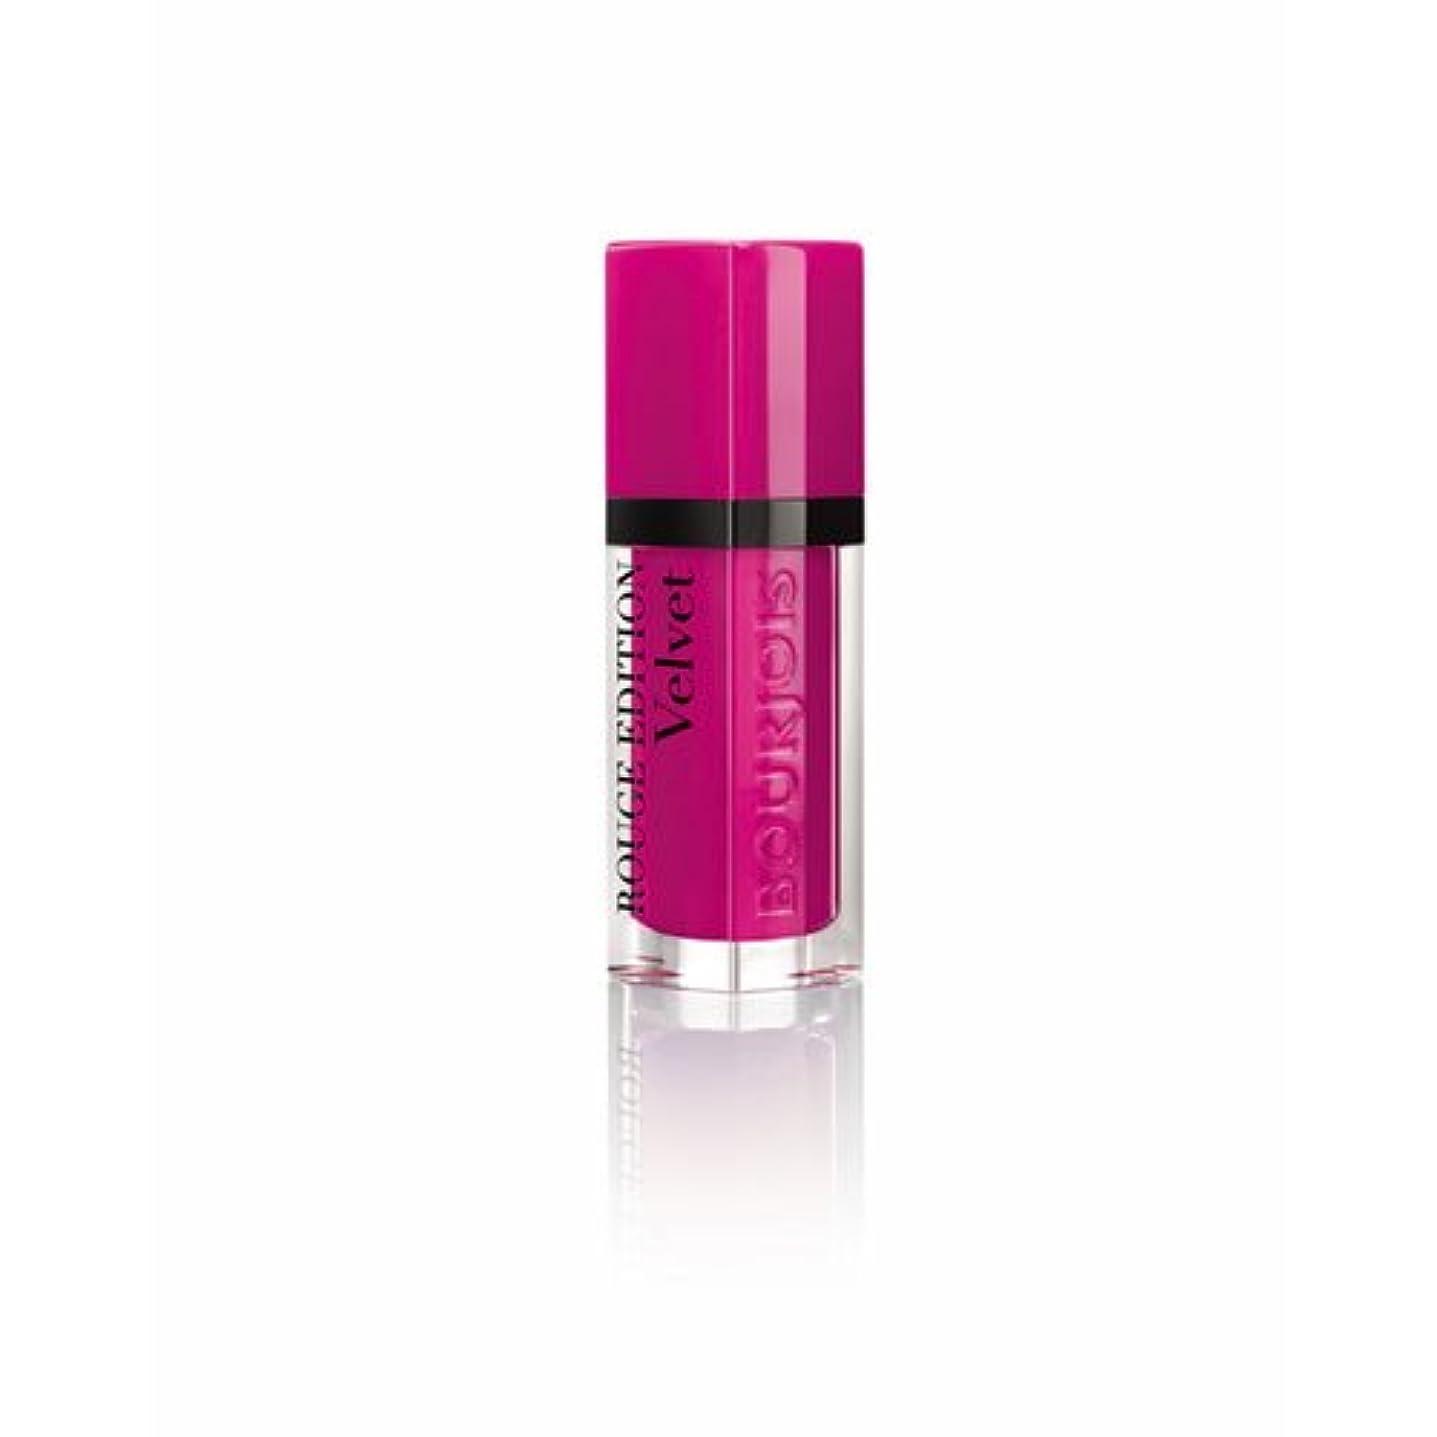 コピー贅沢お肉ブルジョワ ルージュエディション ヴェルベット リップスティック (06 ピンク ポング) BOURJOIS ROUGE EDITION VELVET LIPSTICK 06 Pink Pong(ポスト投函対応) [並行輸入品]